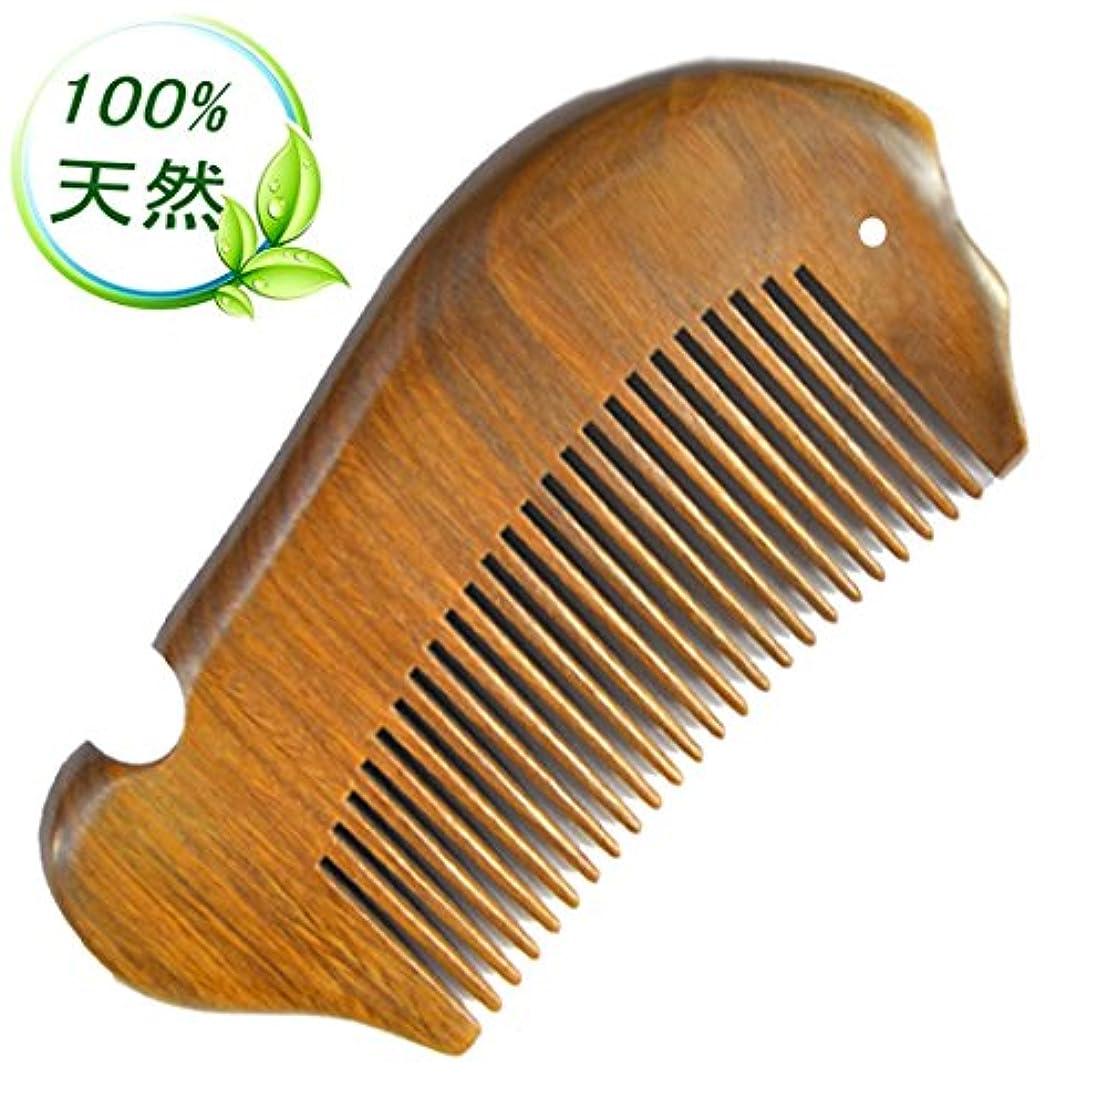 通り入手します衝突コース子供用櫛 可愛い櫛 SHIZUKAJV 高級ヘアブラシ 静電気防止櫛 100%天然木製櫛 くしこども ヘアブラシ人気 頭皮ブラシ くしメンズ くし木 櫛木製 くしコーム くしおすすめ (魚の形櫛) ヘアケア > 頭皮ケア